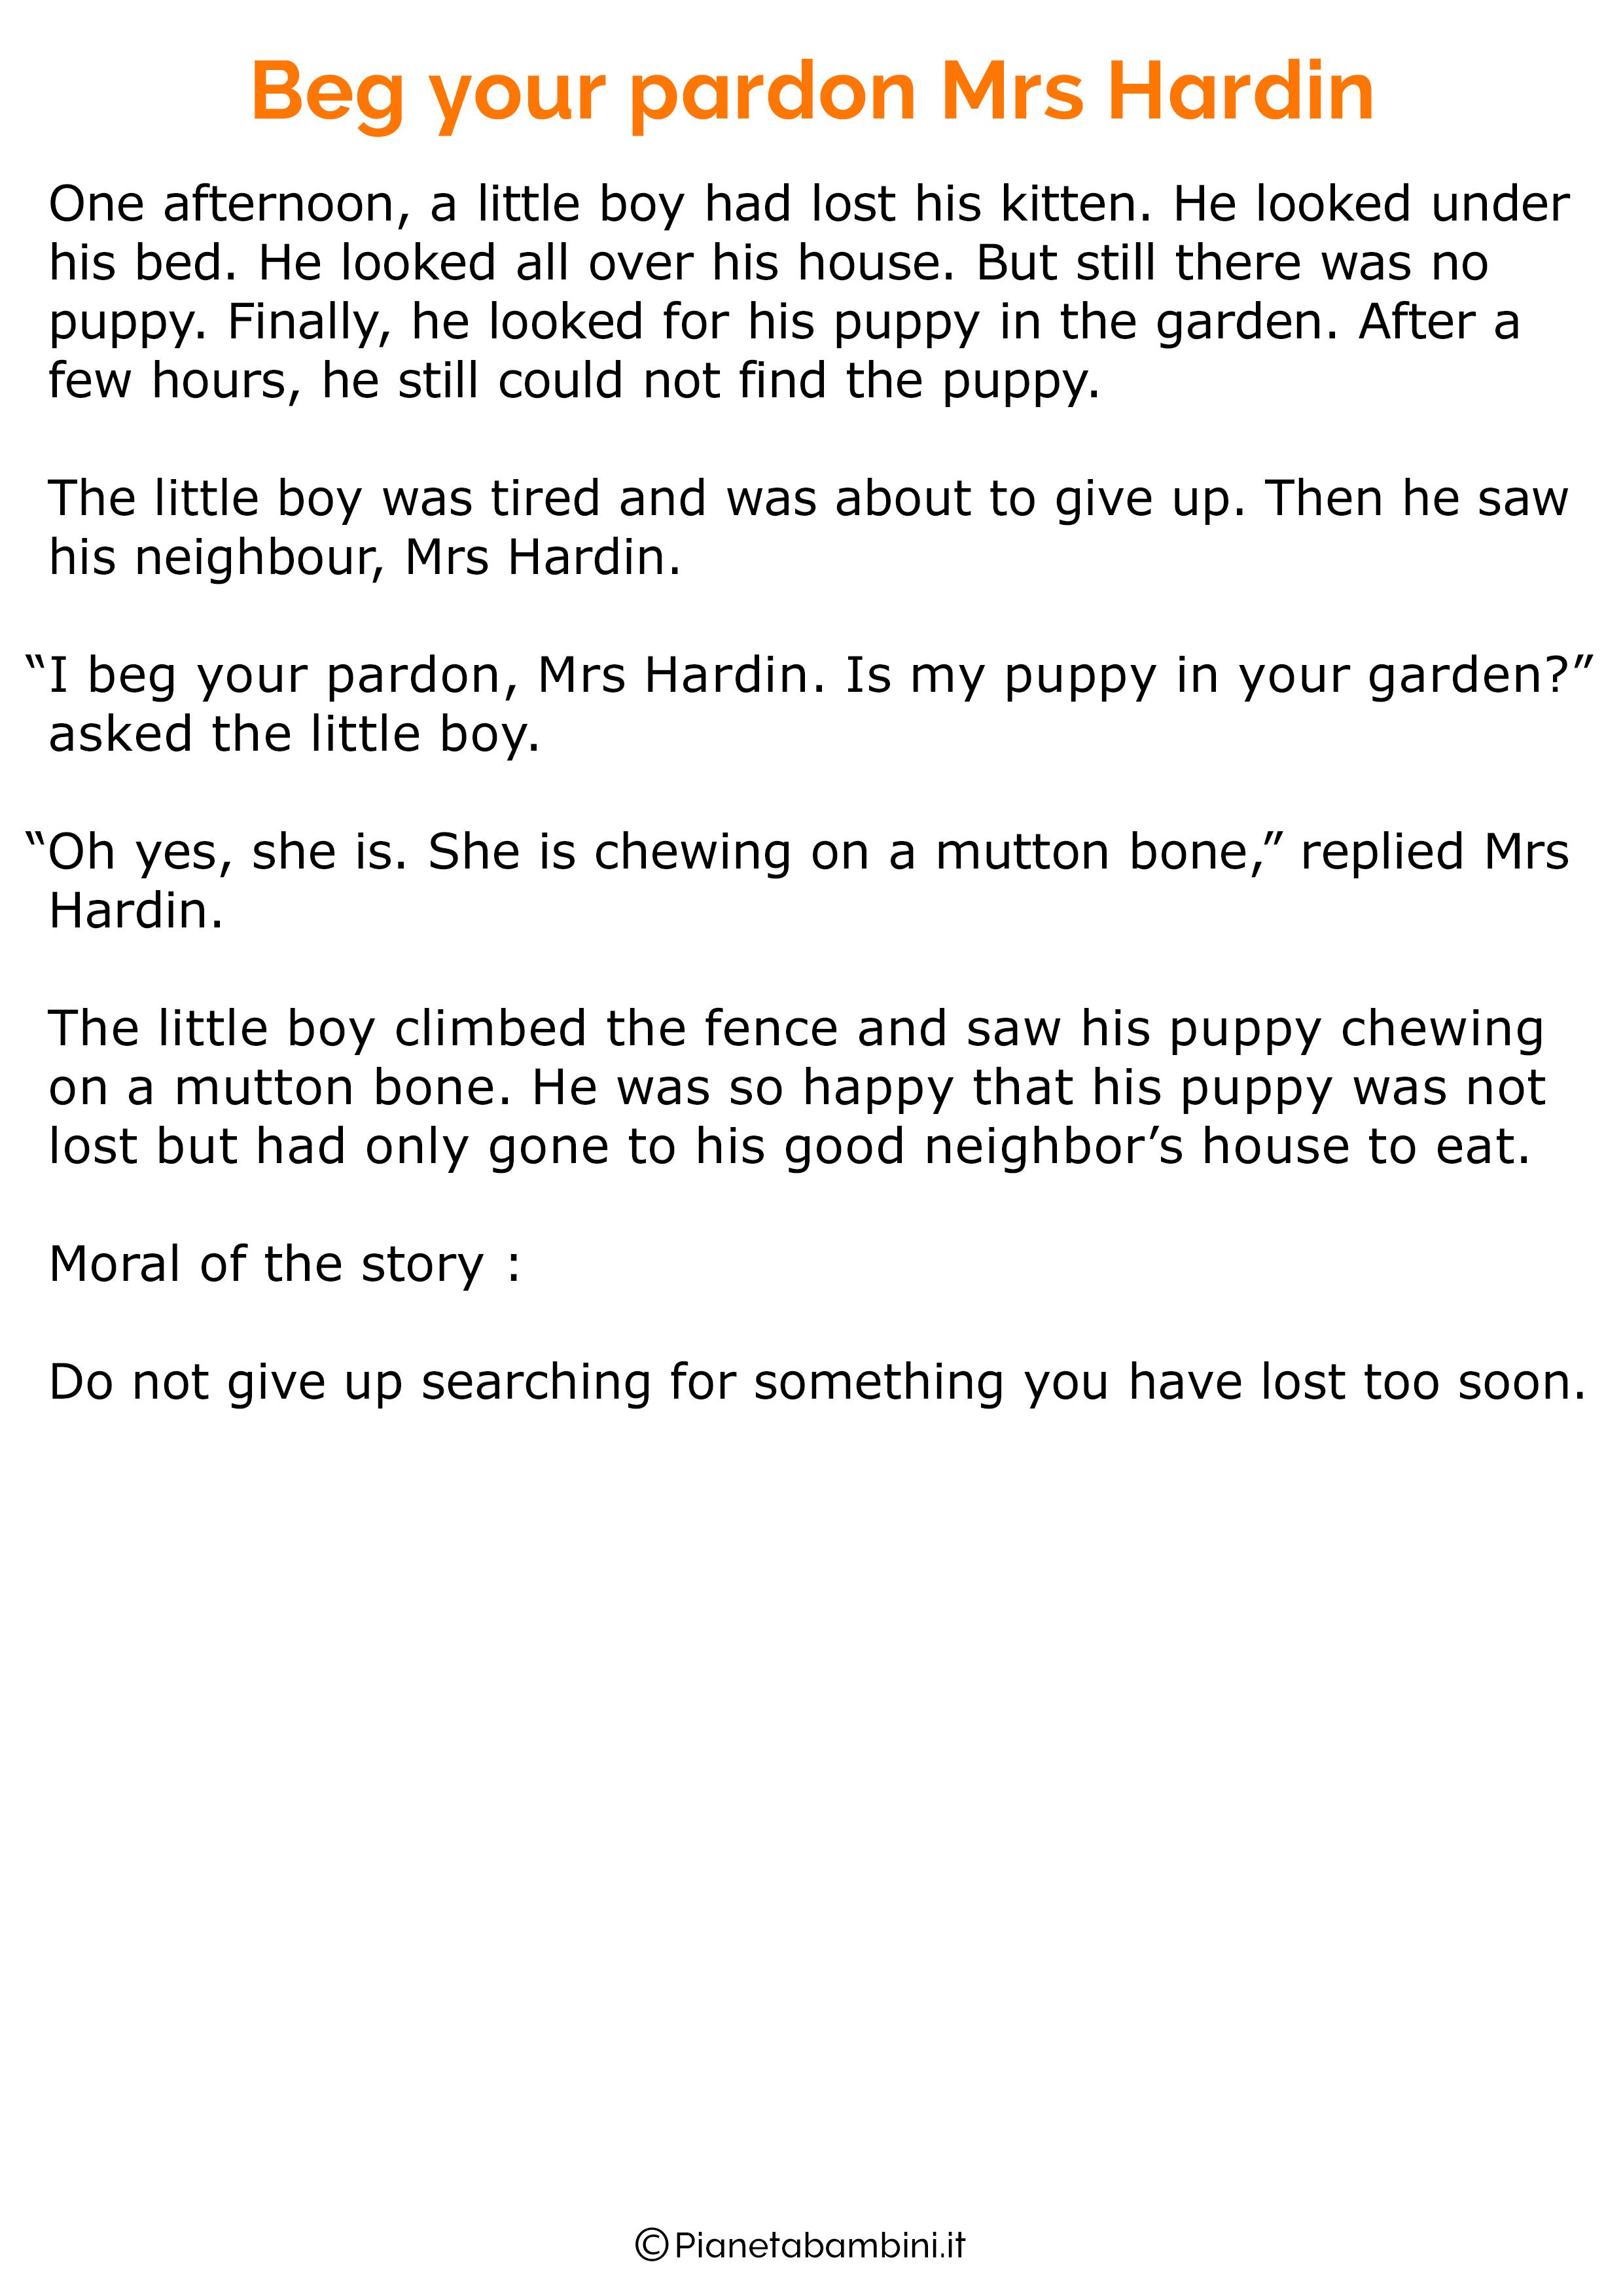 Racconto in inglese con la morale 03